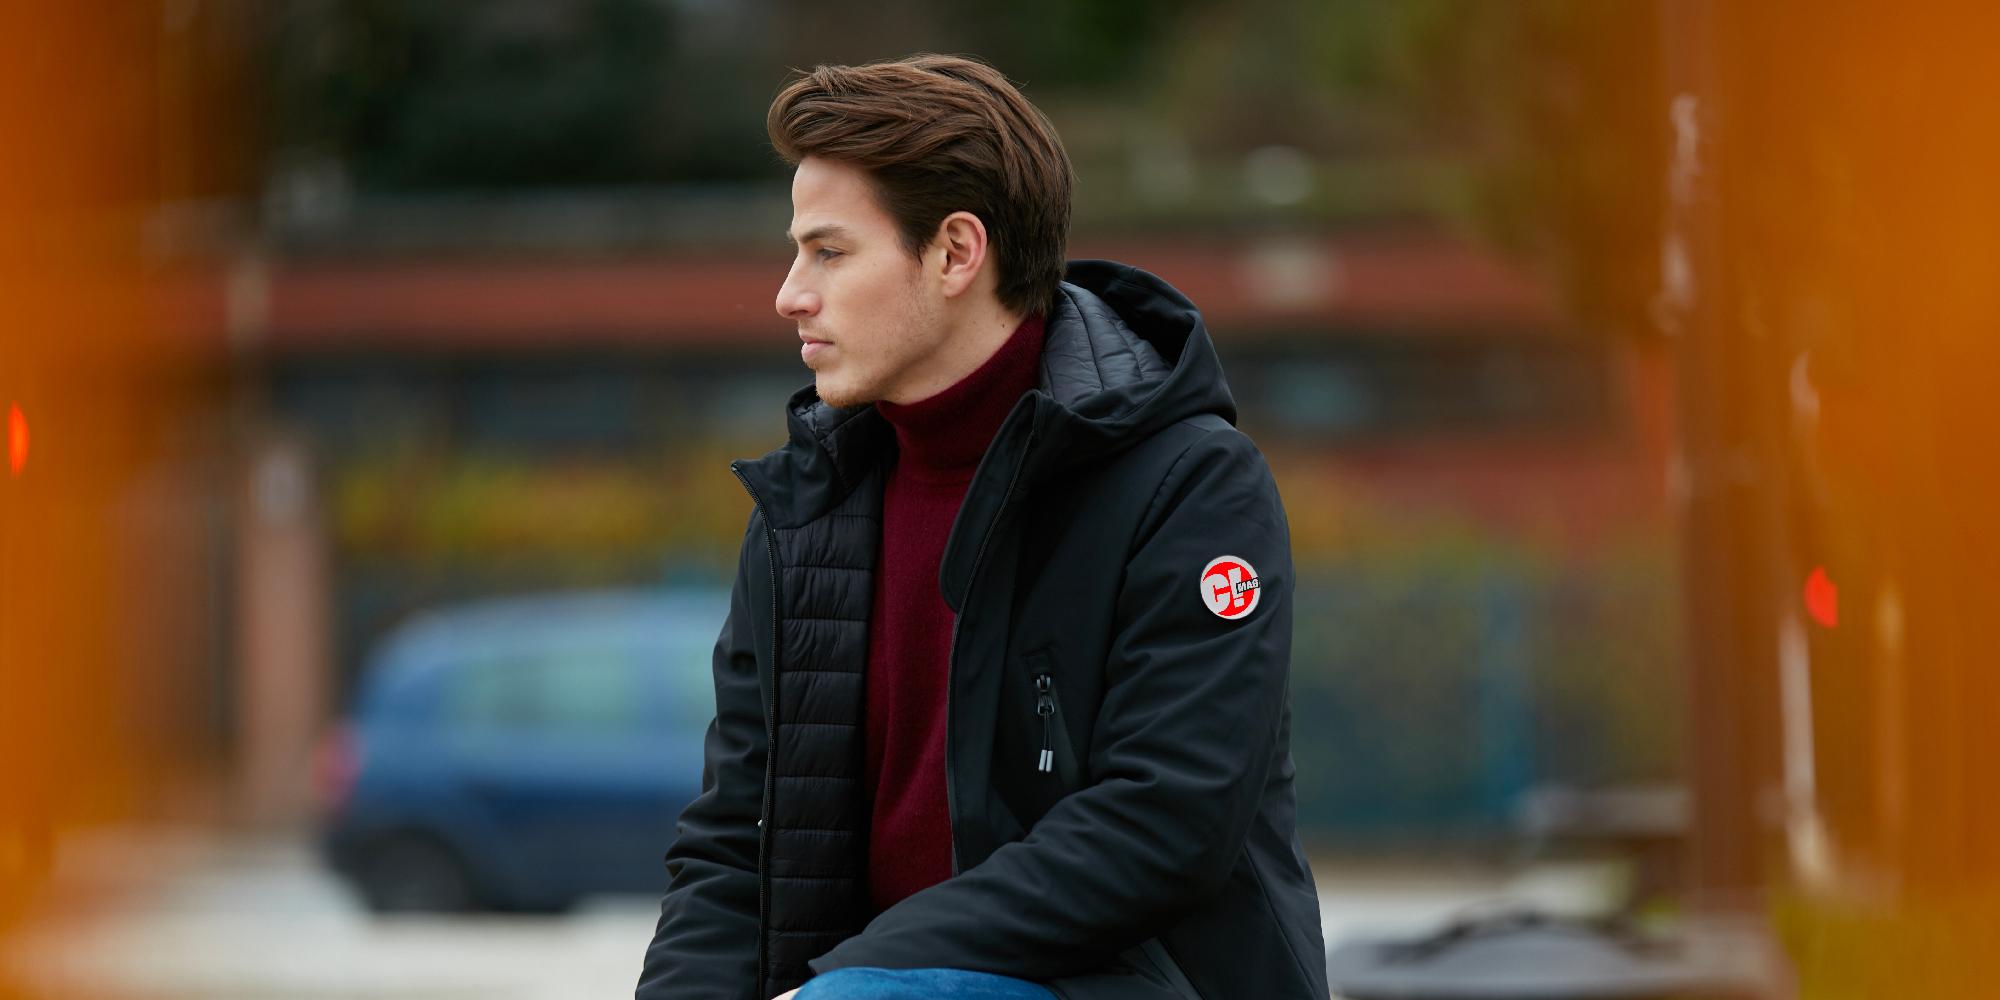 Les vestes hybrides sont l'alliance réussie de la doudoune et de la softshell.